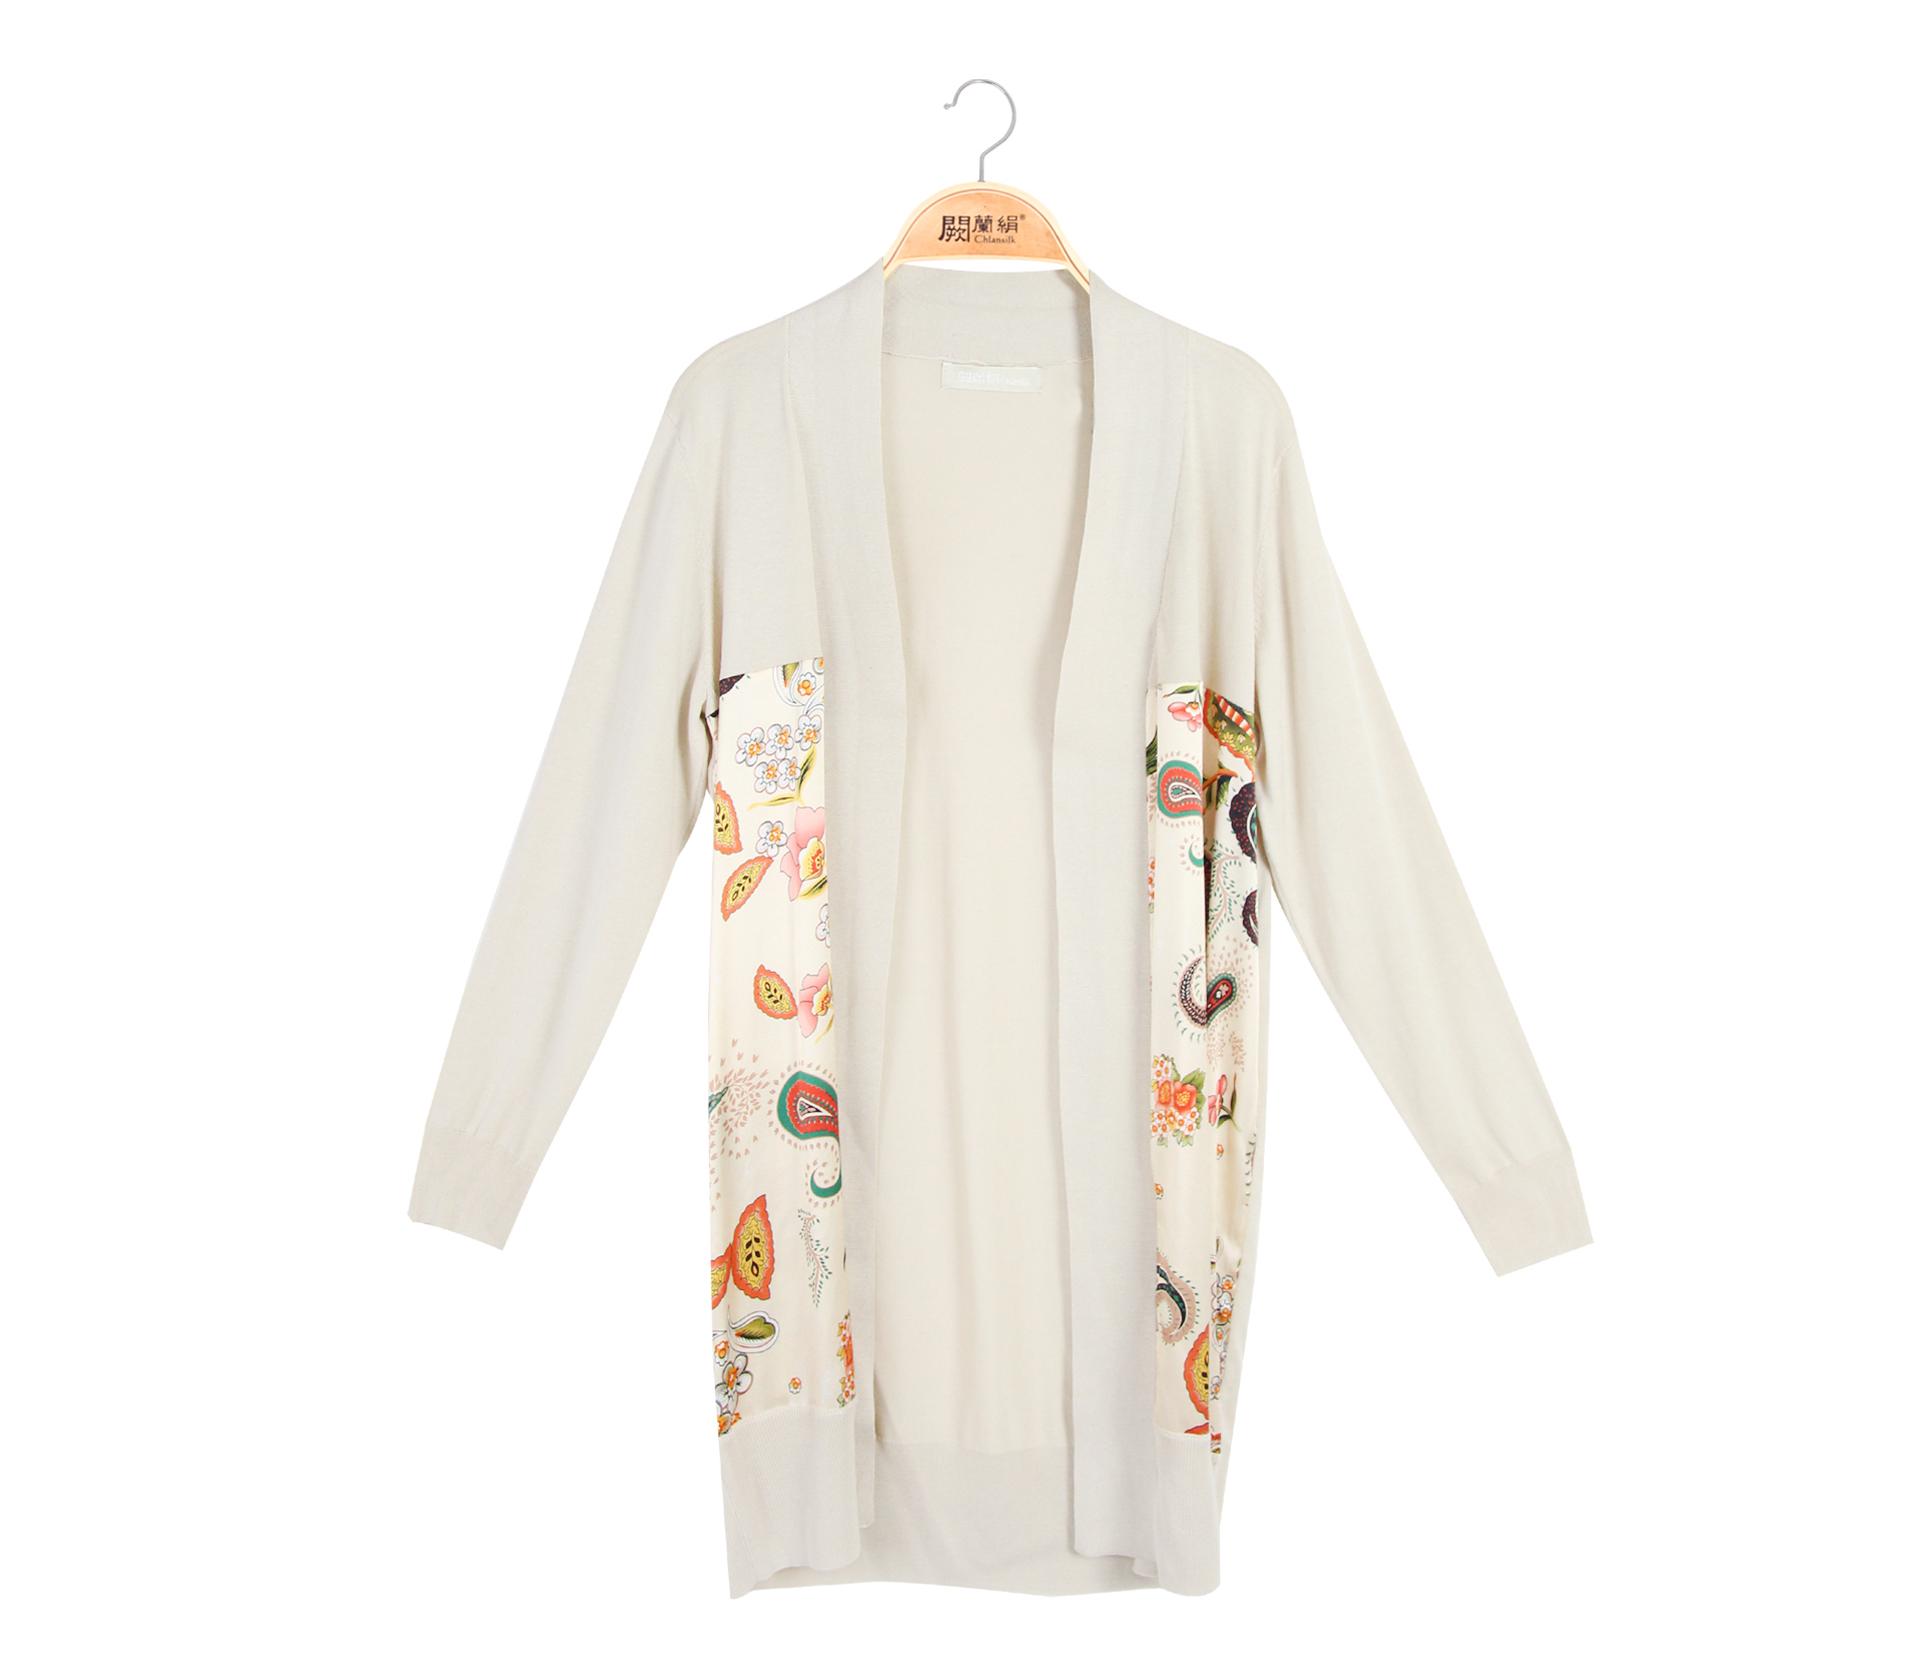 闕蘭絹典雅美人拼接滑布花朵蠶絲針織長版罩衫 - 米色 - 6550